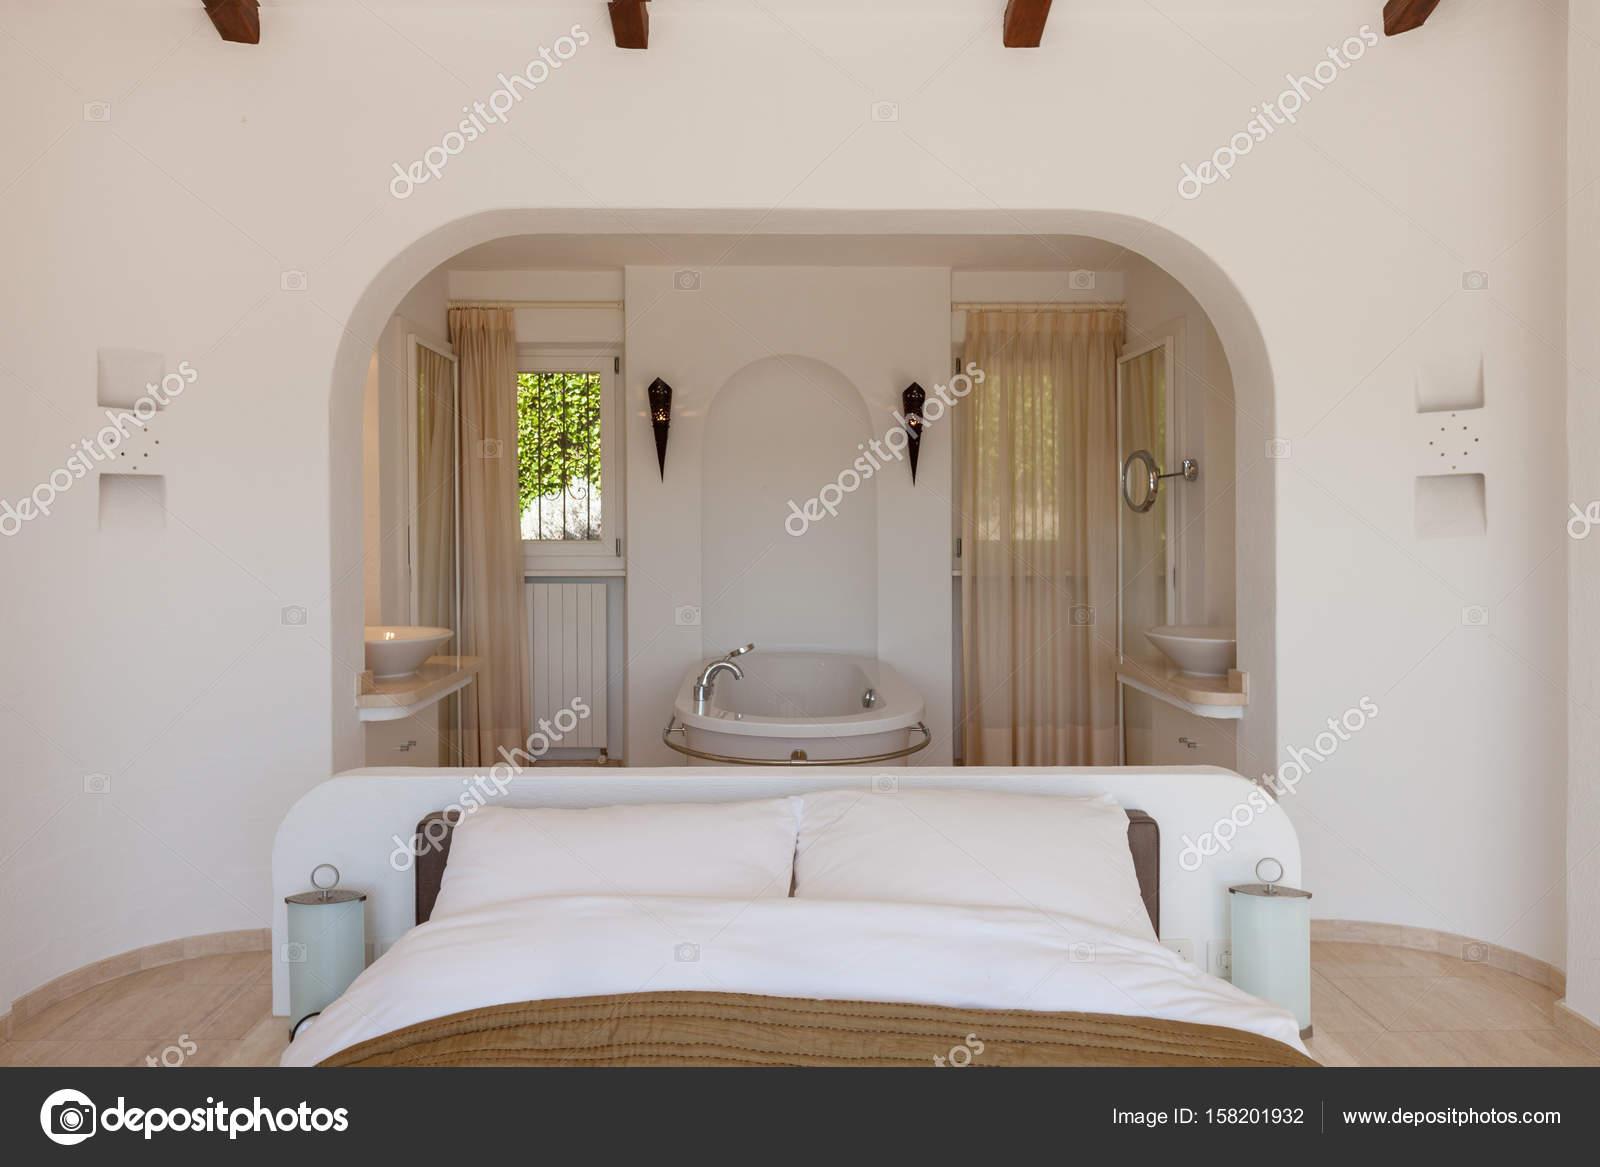 Vasca Da Bagno In Camera Da Letto : Gredos casa cappella quattro camere da le homeaway